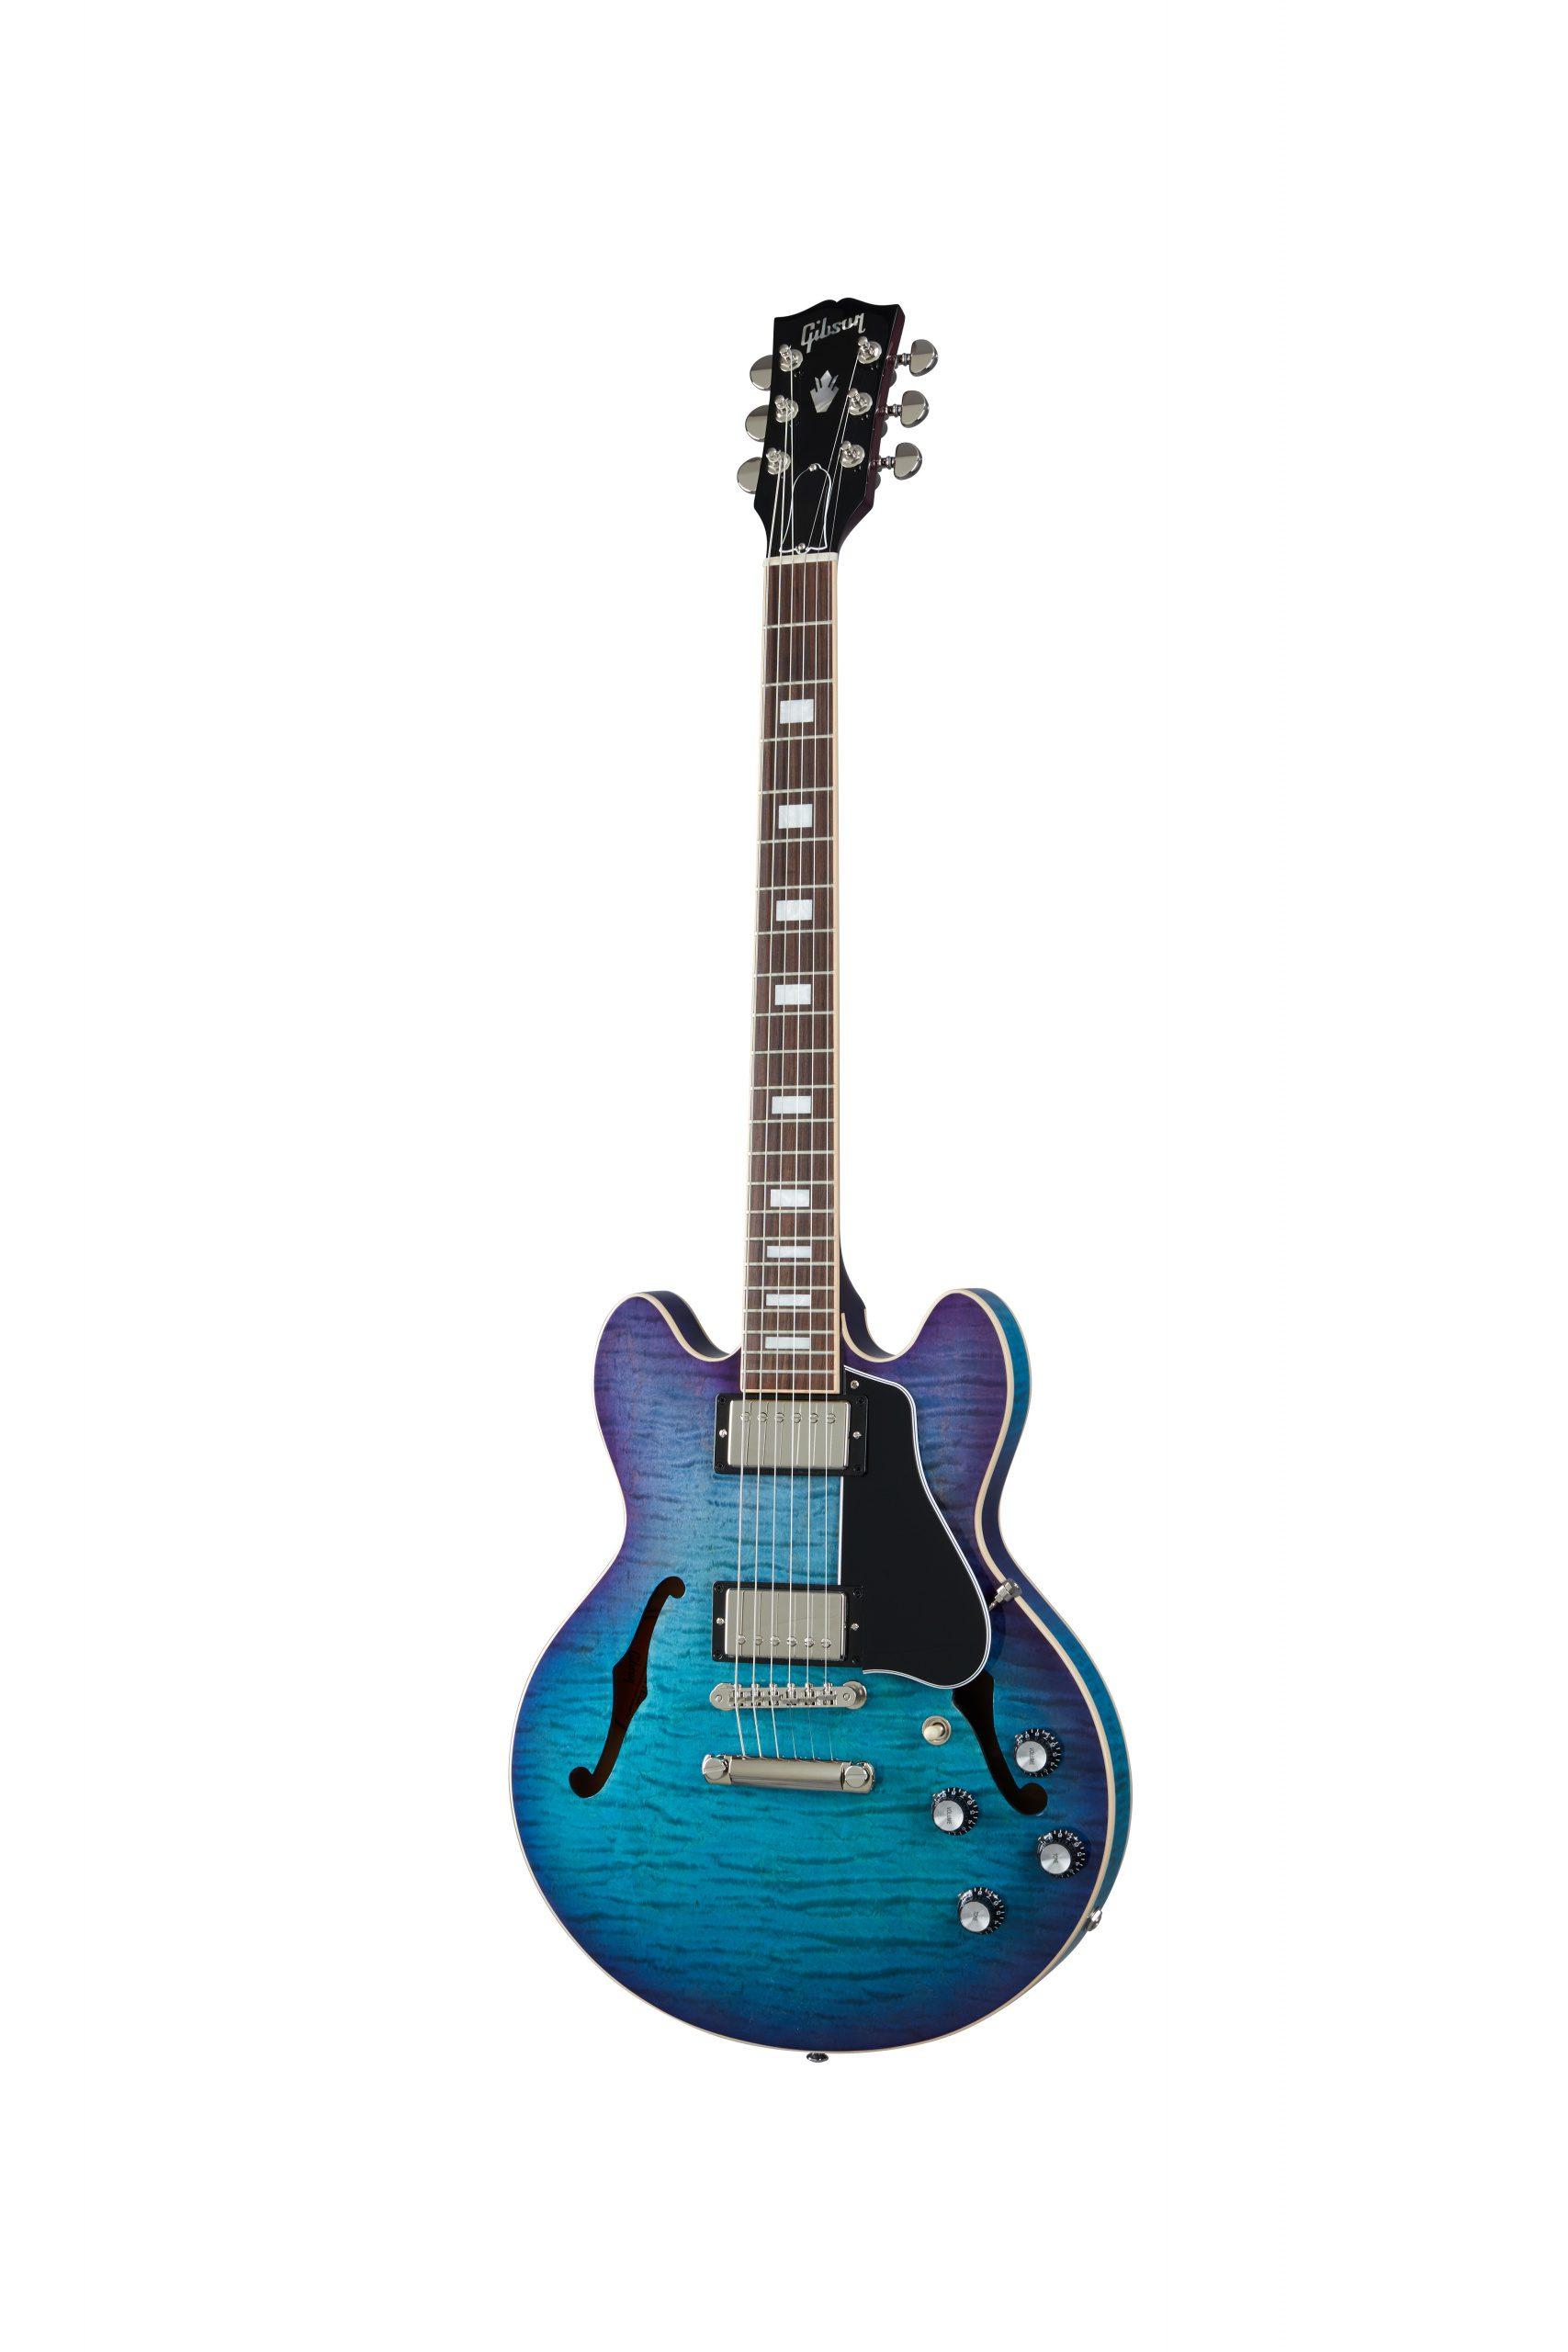 Gibson Modern ES-339 Figured Blueberryburst